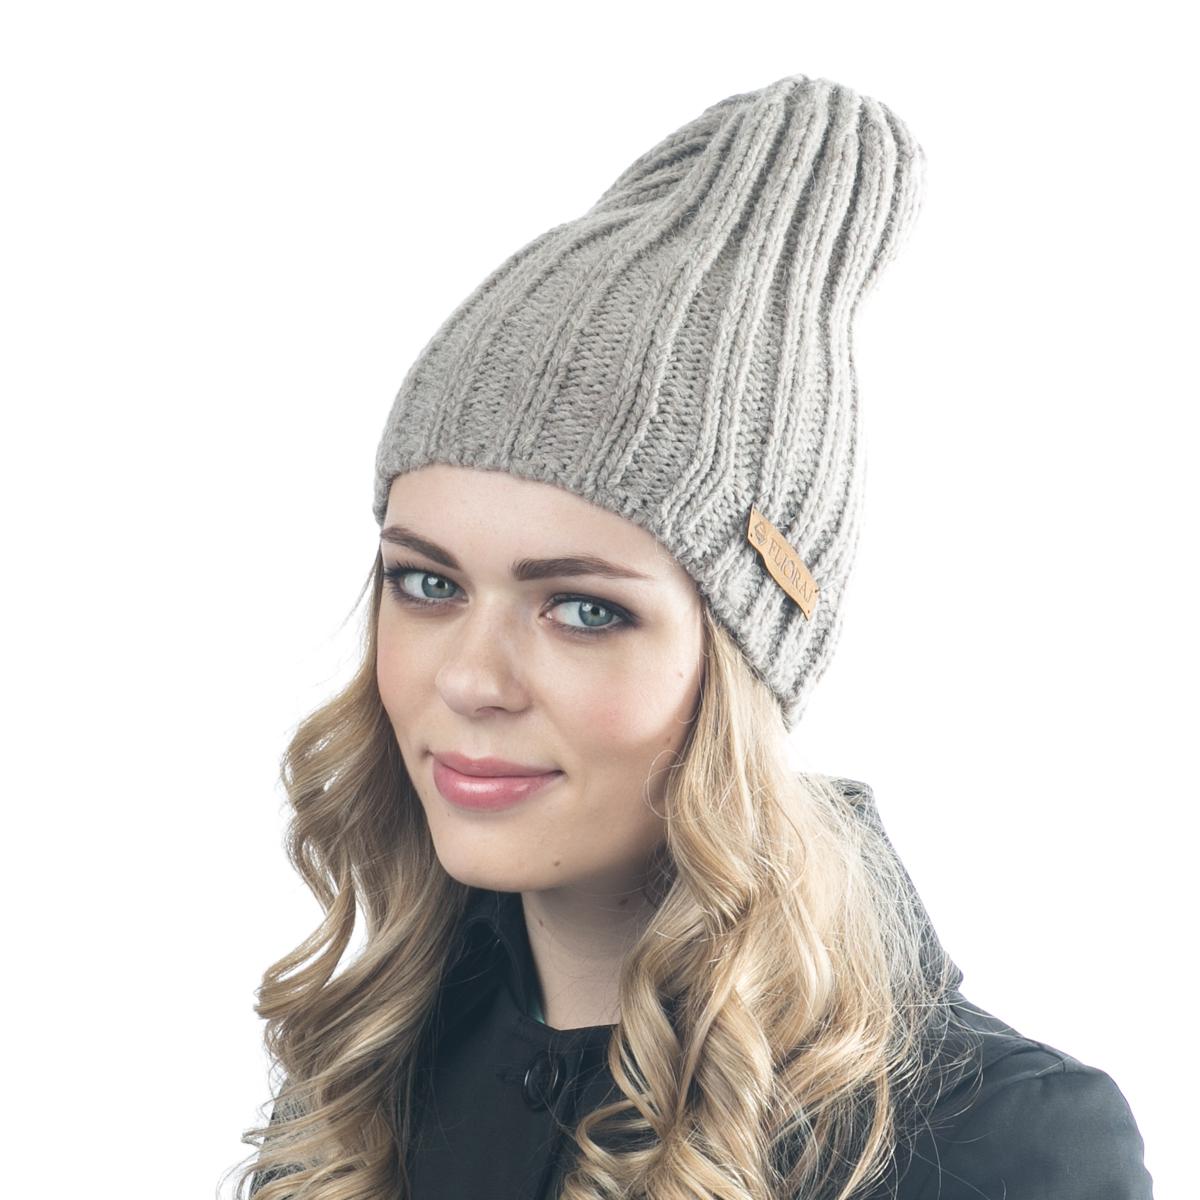 Шапка женская Flioraj, цвет: темно-бежевый. 06FJ. Размер 56/5806FJСтильная шерстяная шапка-колпачок от Flioraj, выполненная из шерсти с добавлением вискозы и полиакрила, отлично согреет в холодную погоду. Состав пряжи делает изделие мягким, теплым и комфортным. Модель выполнена актуальной резинкой, сбоку дополнена нашивкой из натуральной кожи.